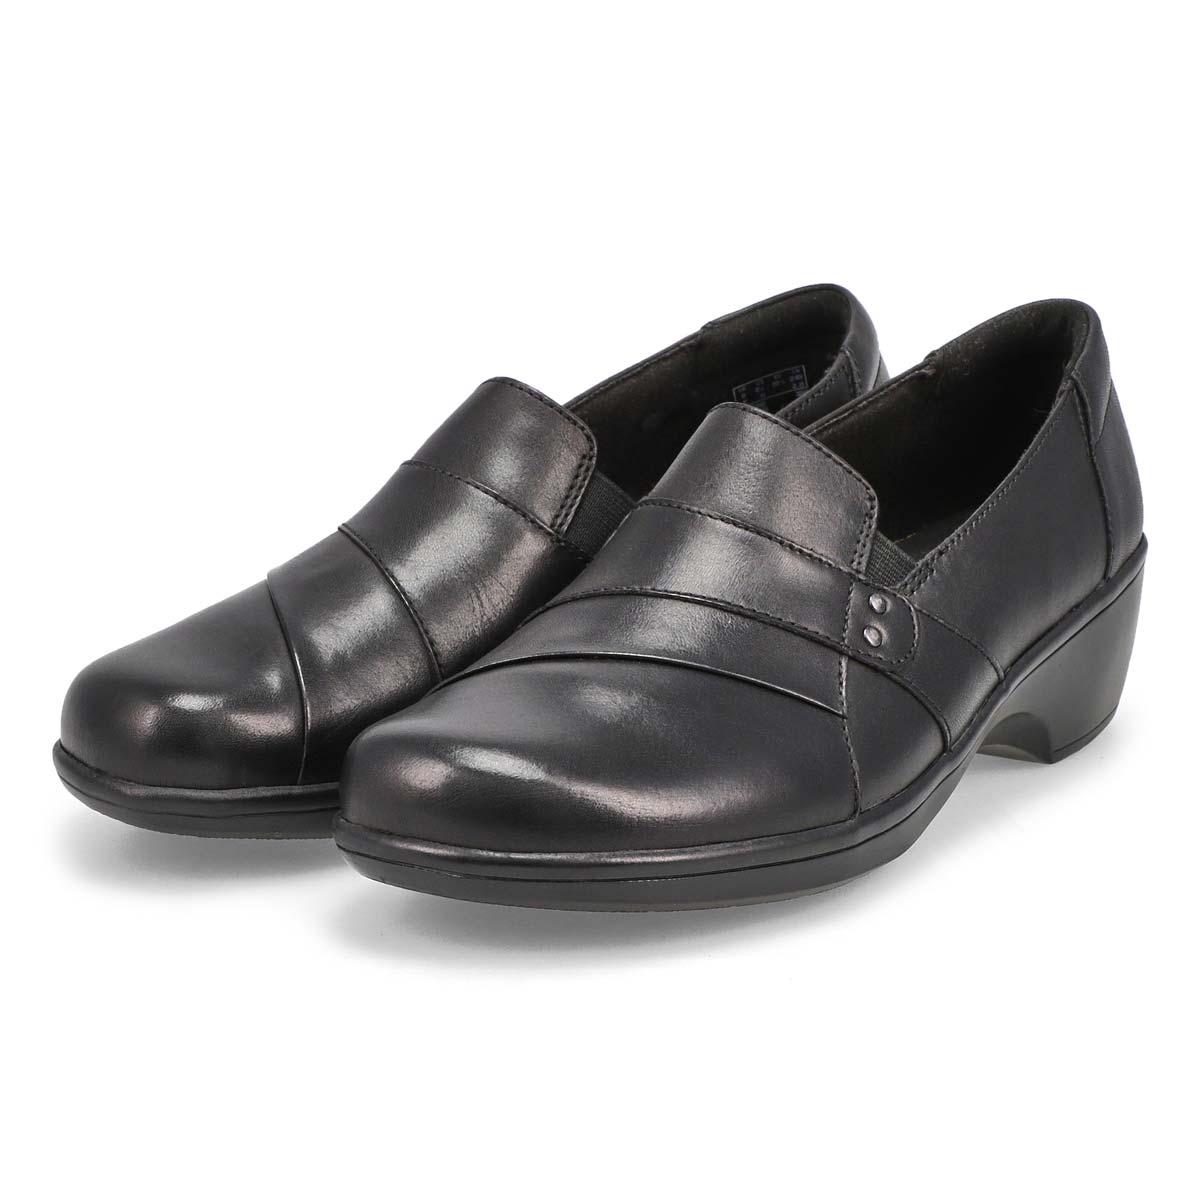 Lds May Marigold black dress loafer-WIDE